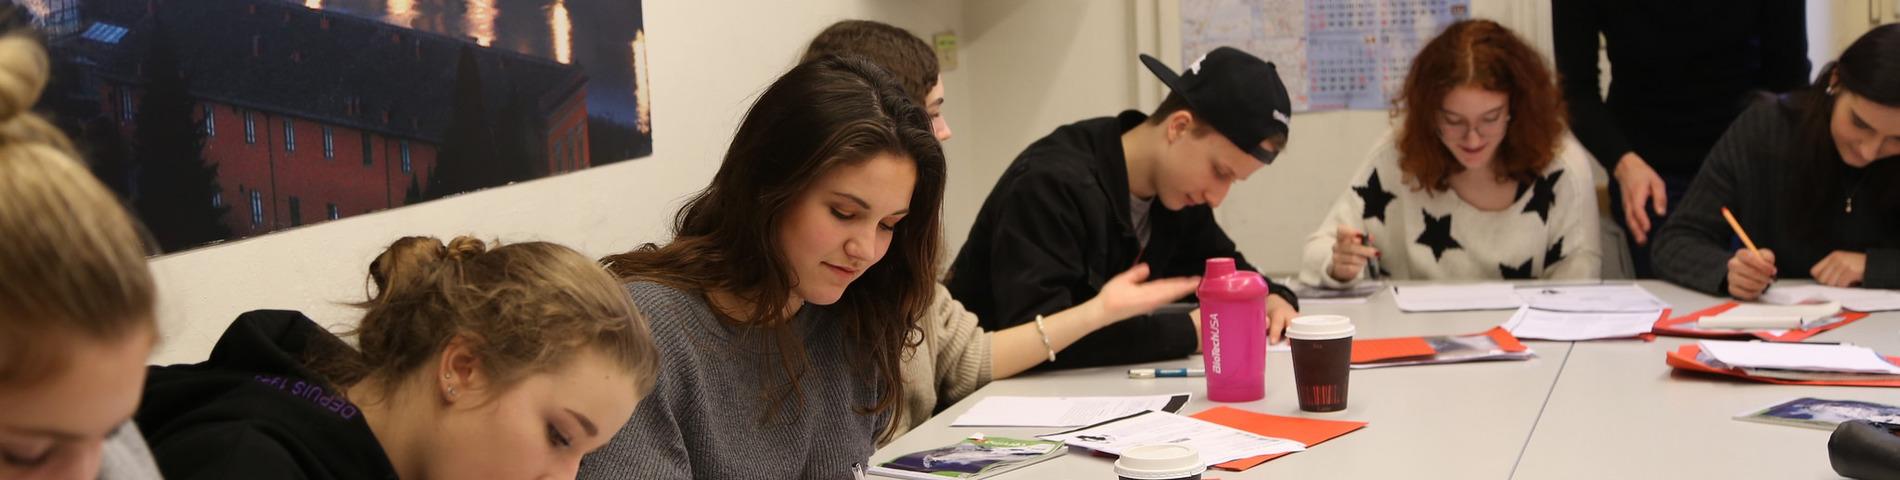 Scuola Toscana snímek 1